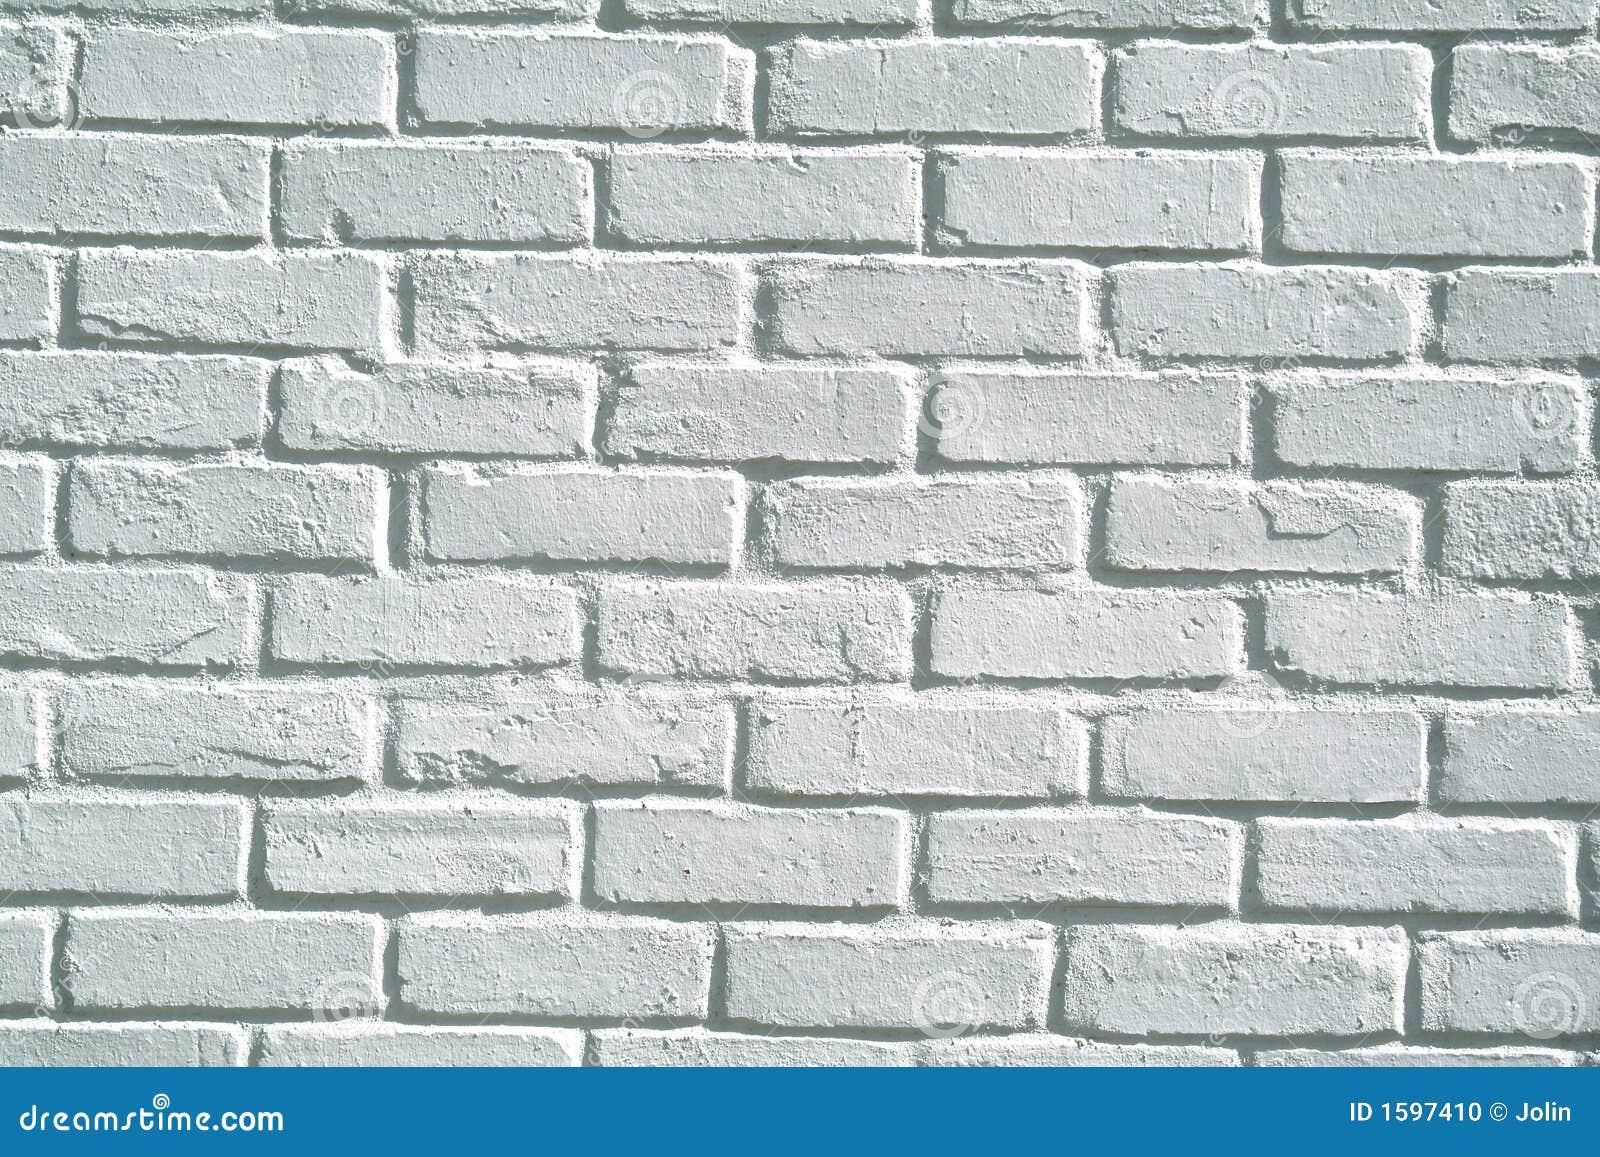 Fondo blanco de la pared de ladrillo foto de archivo - Ladrillos para pared ...